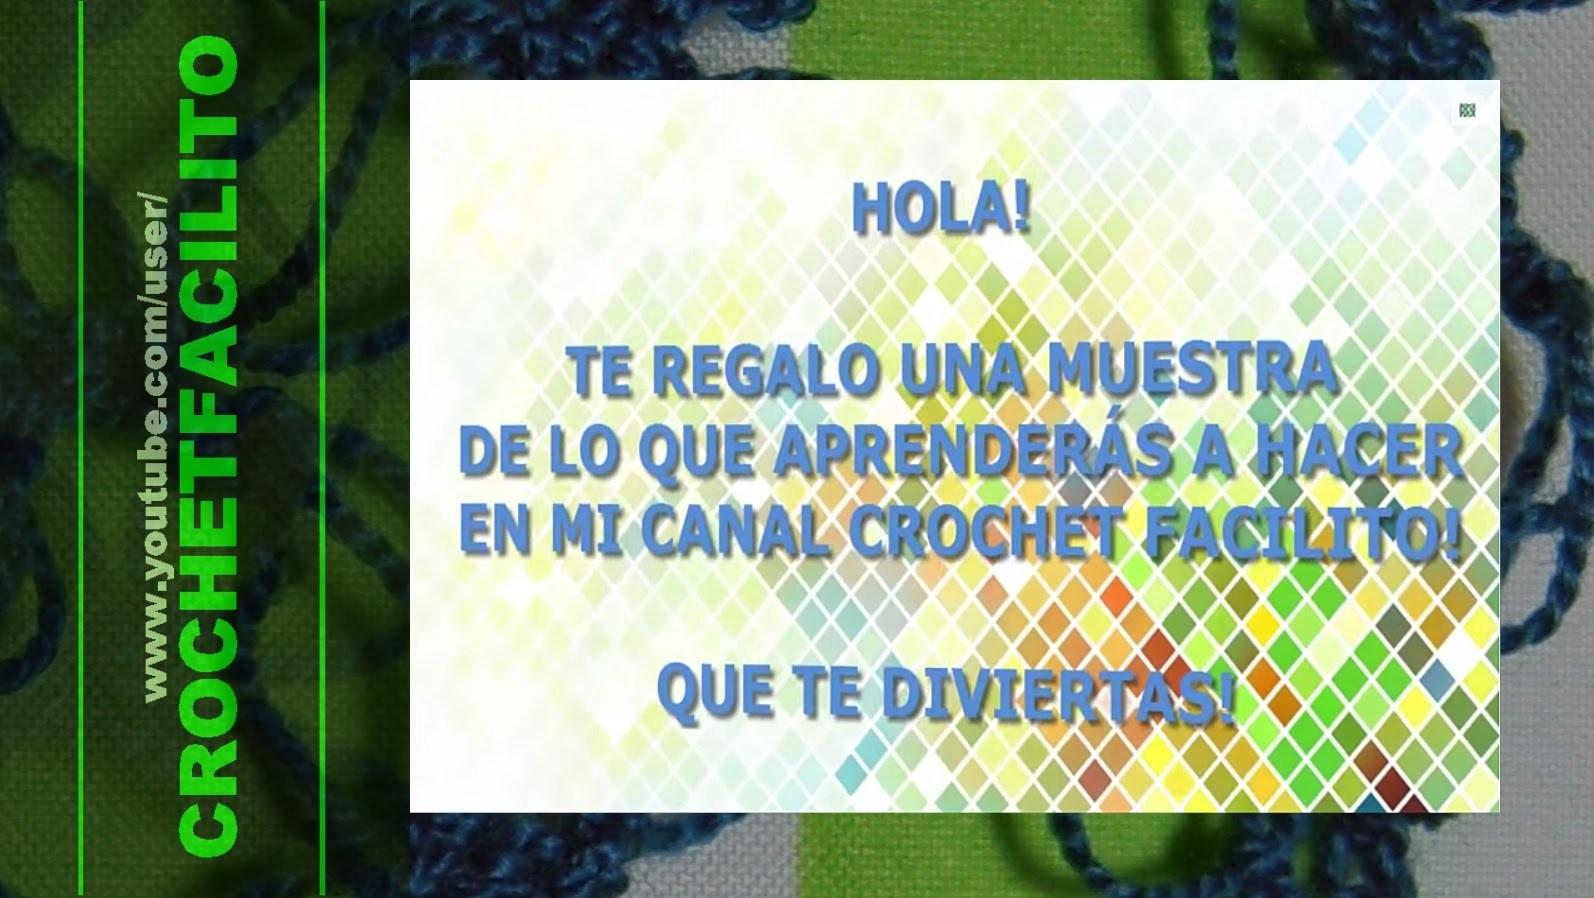 CROCHET - MOTÍVATE A TEJER EN CROHET FACILITO!!! - LET'S CROCHET! HAVE FUN!